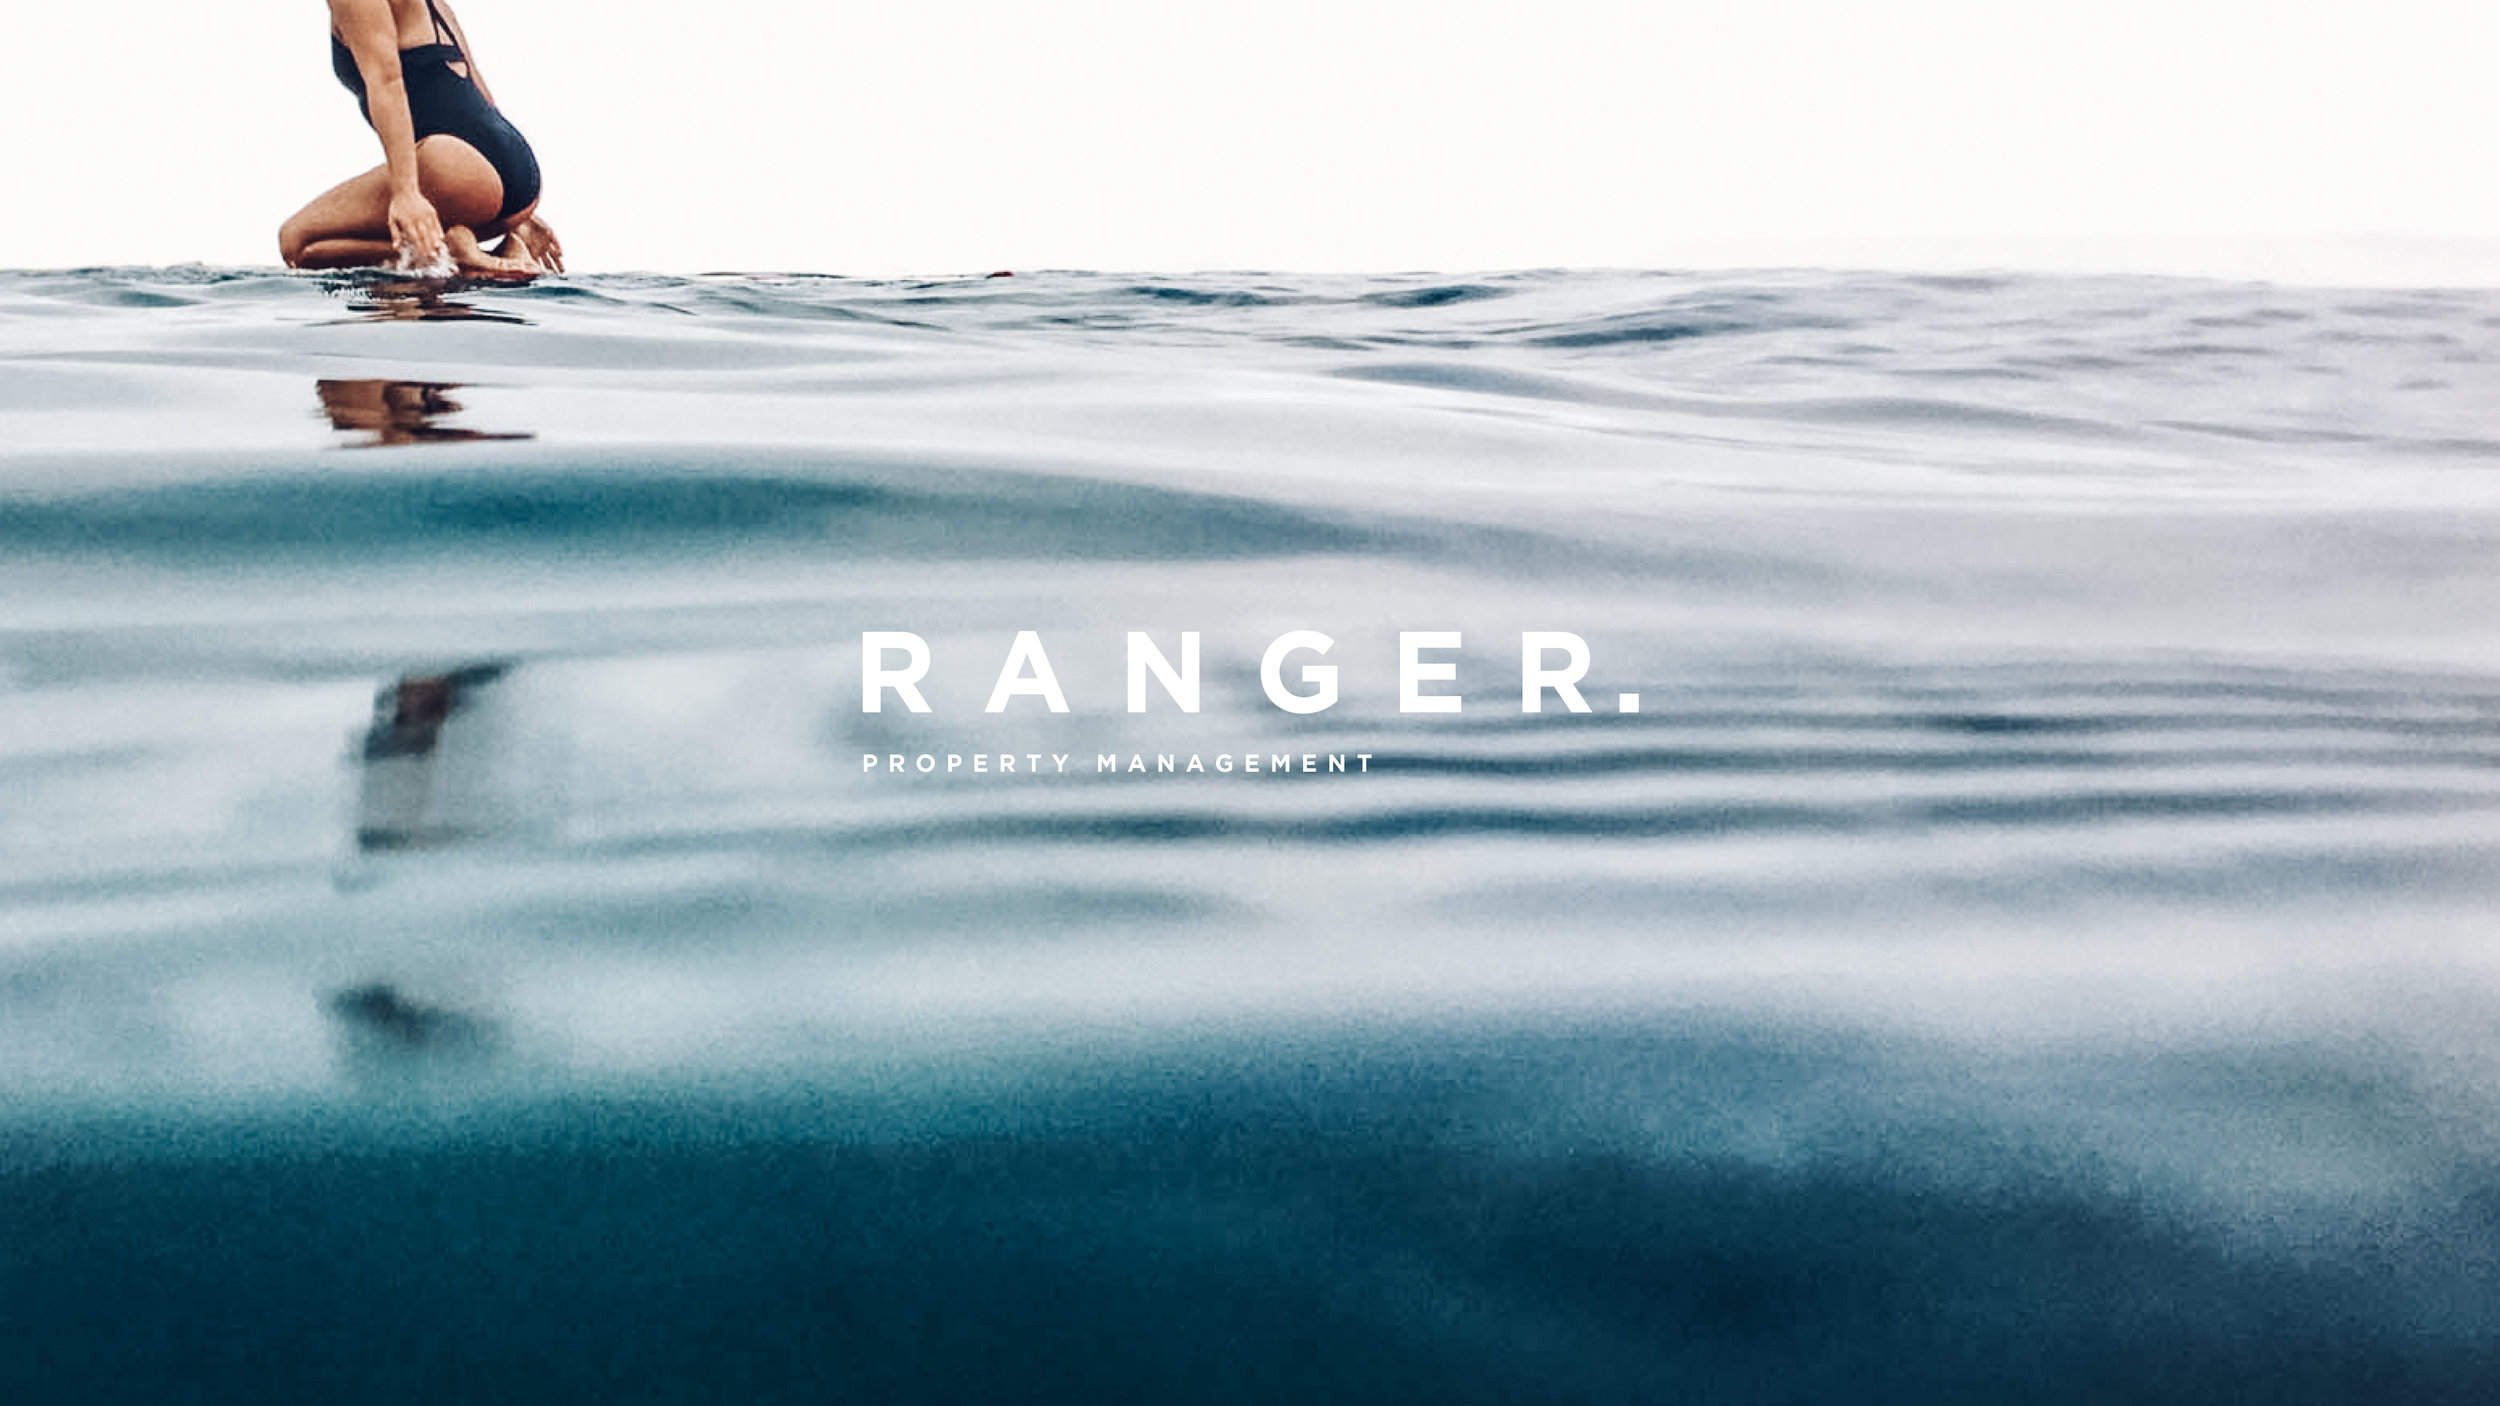 ranger2-mintlane.jpg